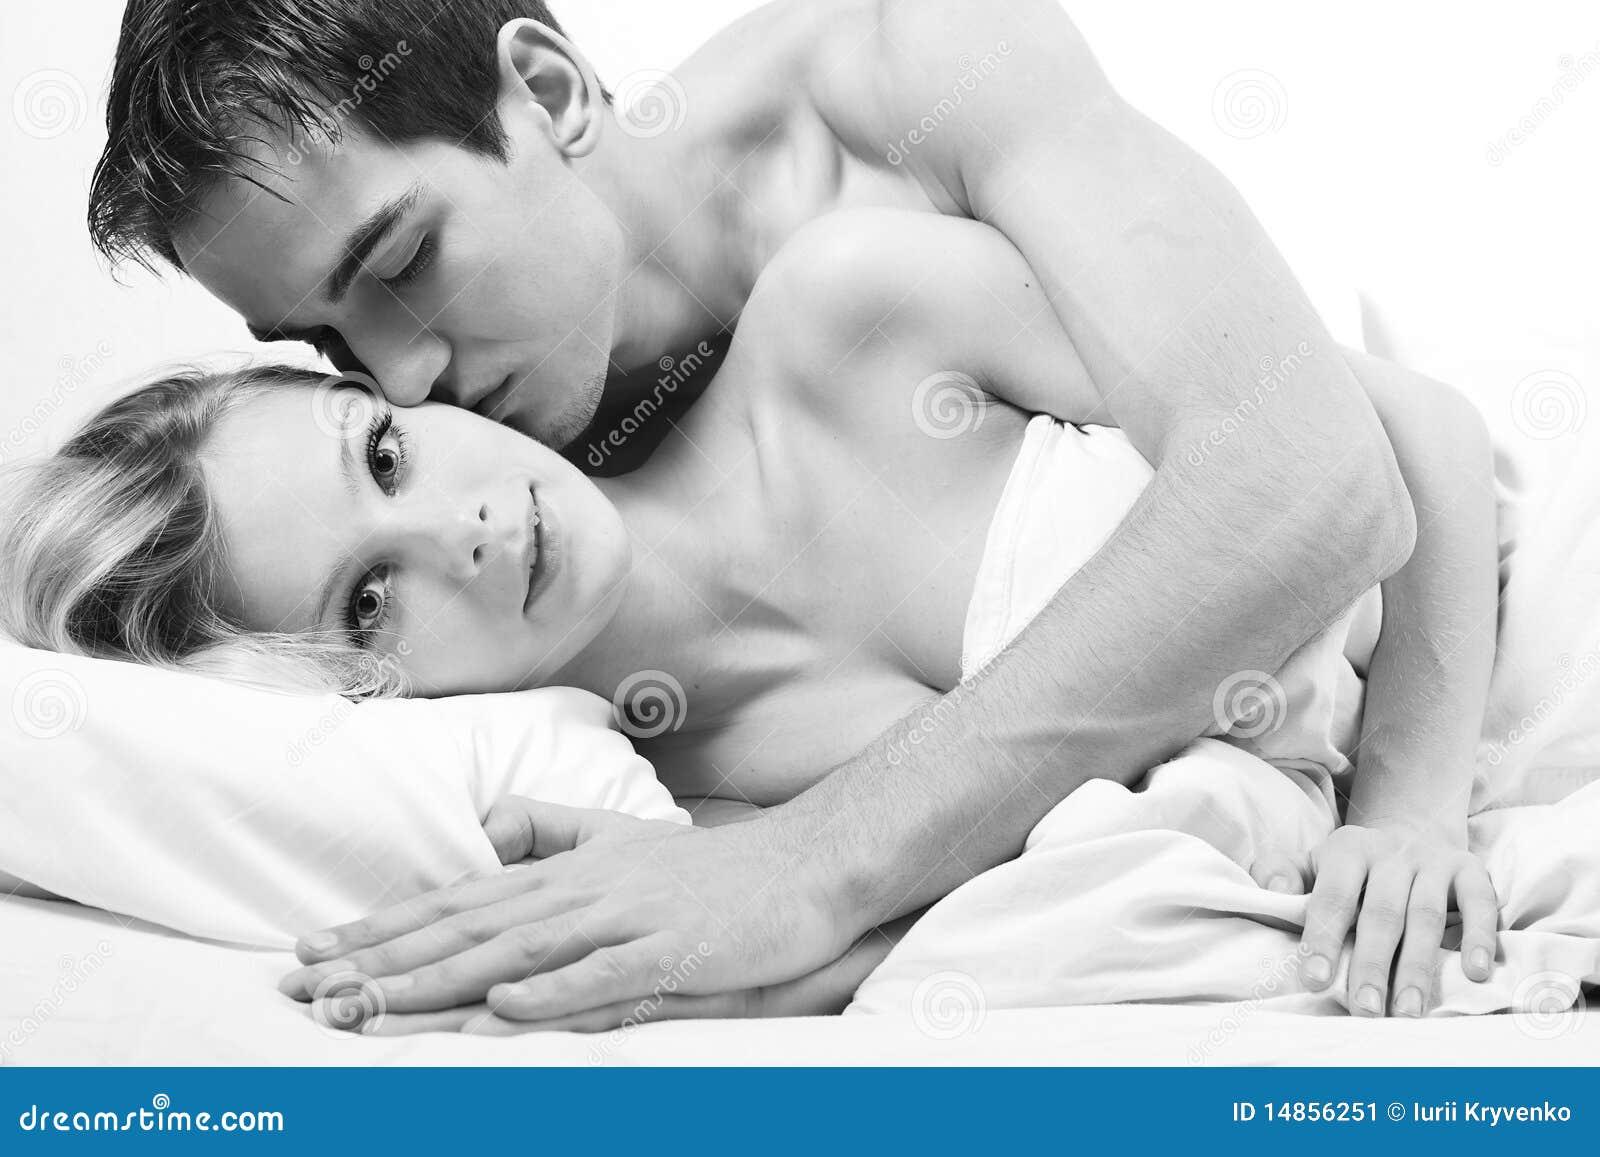 Склонение к половому акту 12 фотография